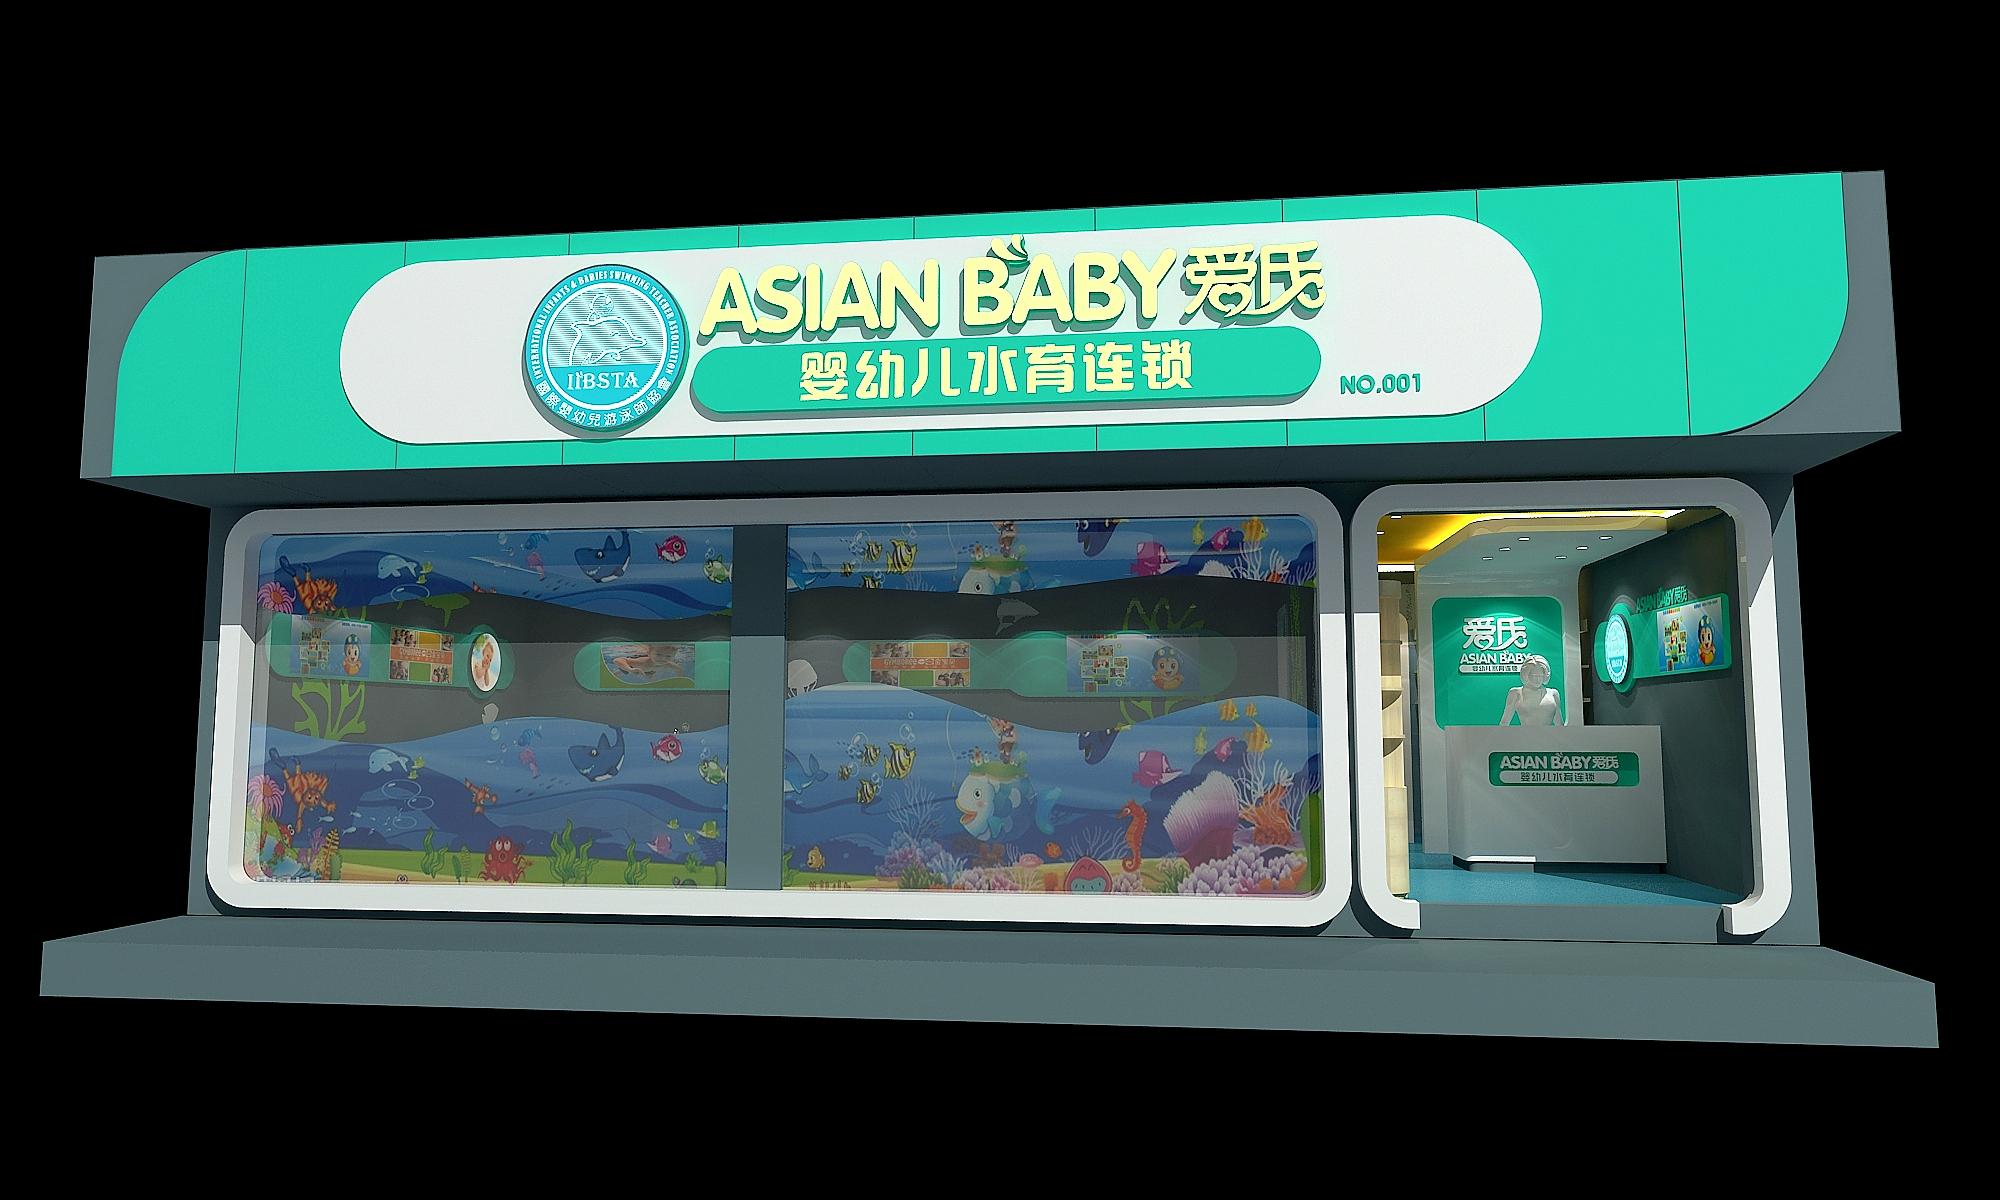 门头广告设计/门头/店铺店面门头设计/餐饮餐厅门头设计幼儿园